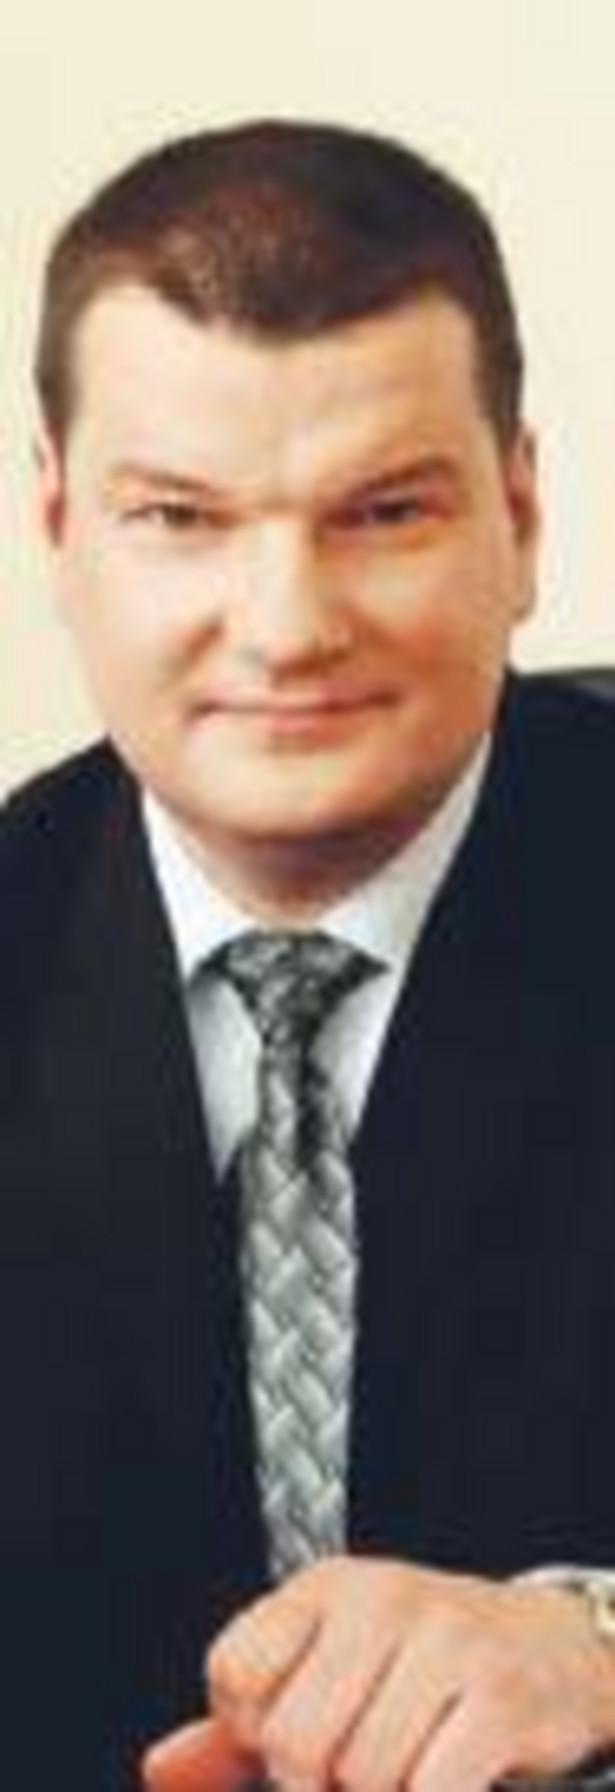 Bogdan Frąckiewicz, wiceprezes zarządu TU Europa